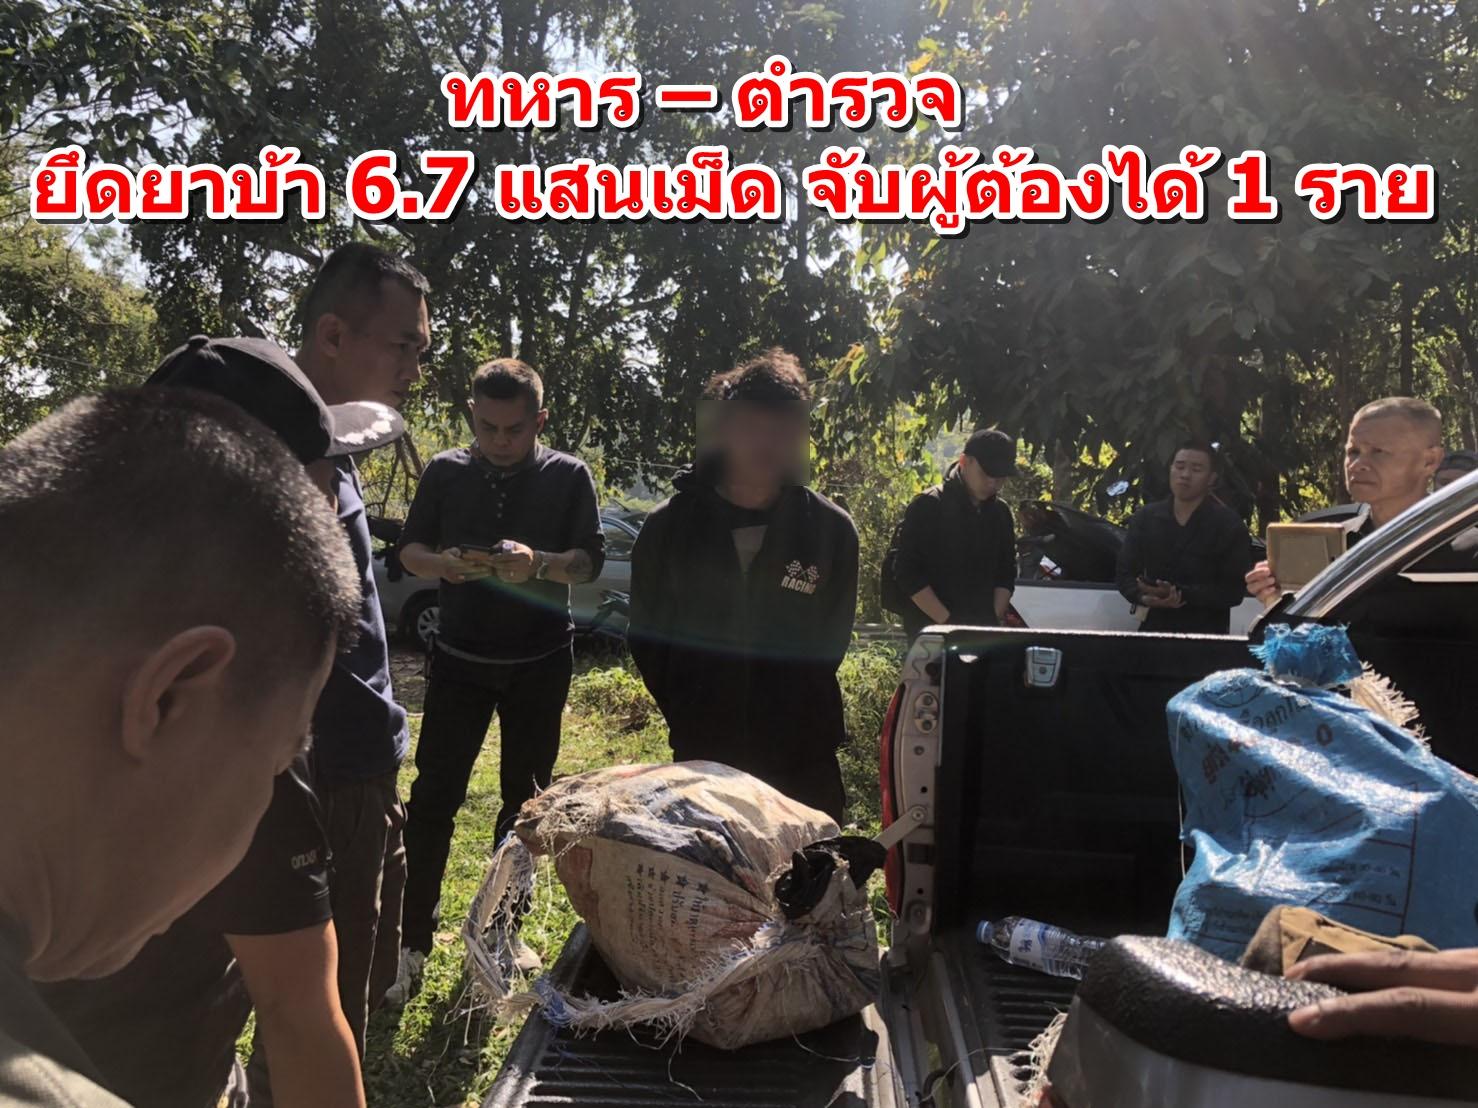 ทหาร – ตำรวจ ยึดยาบ้า 6.7 แสนเม็ด จับผู้ต้องได้ 1 ราย ด้าน อ.แม่ฟ้าหลวง